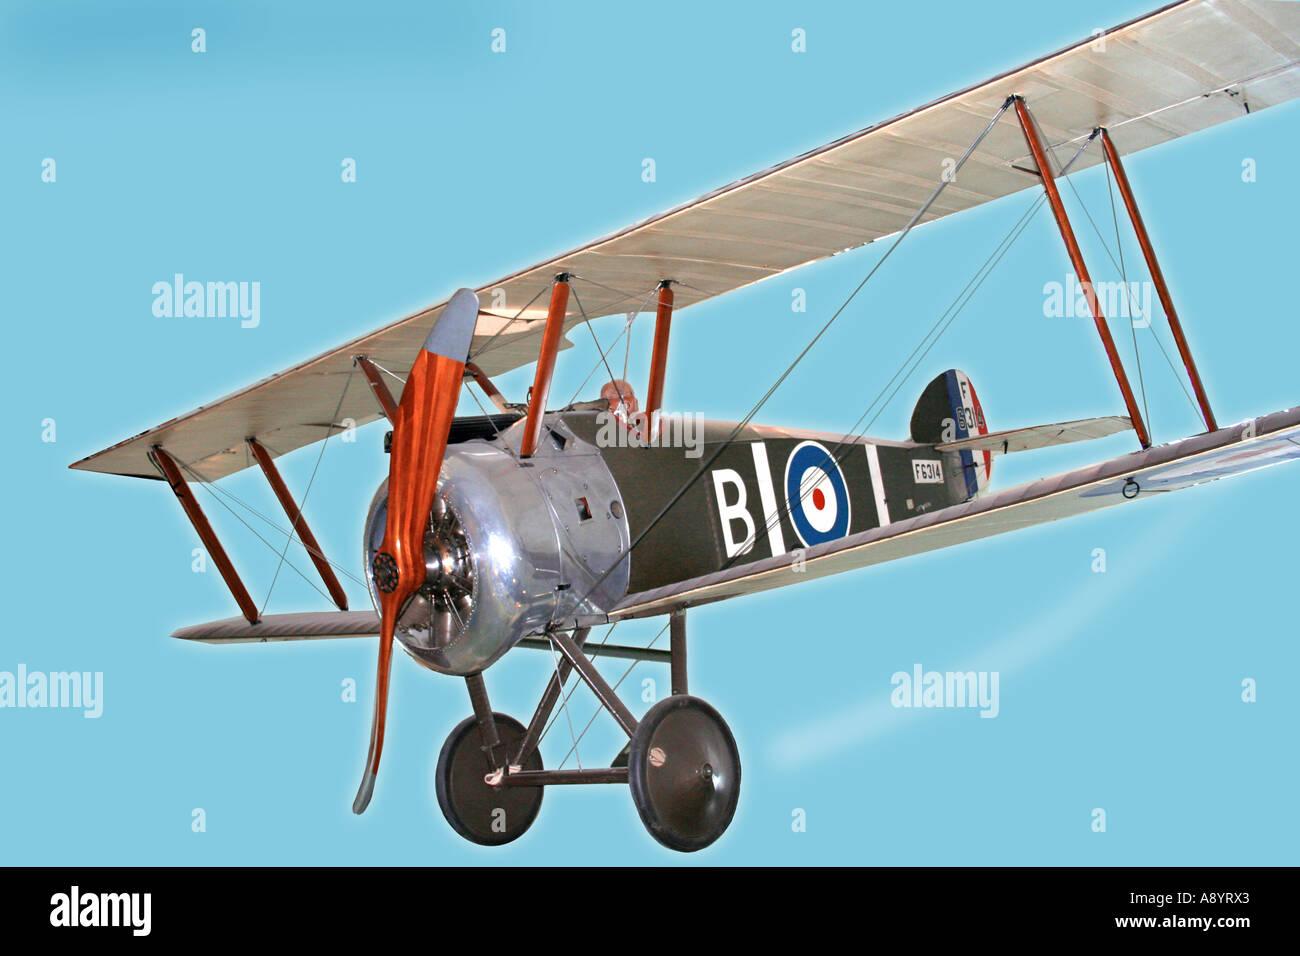 Sopwith Camel Bi-Plane - Stock Image